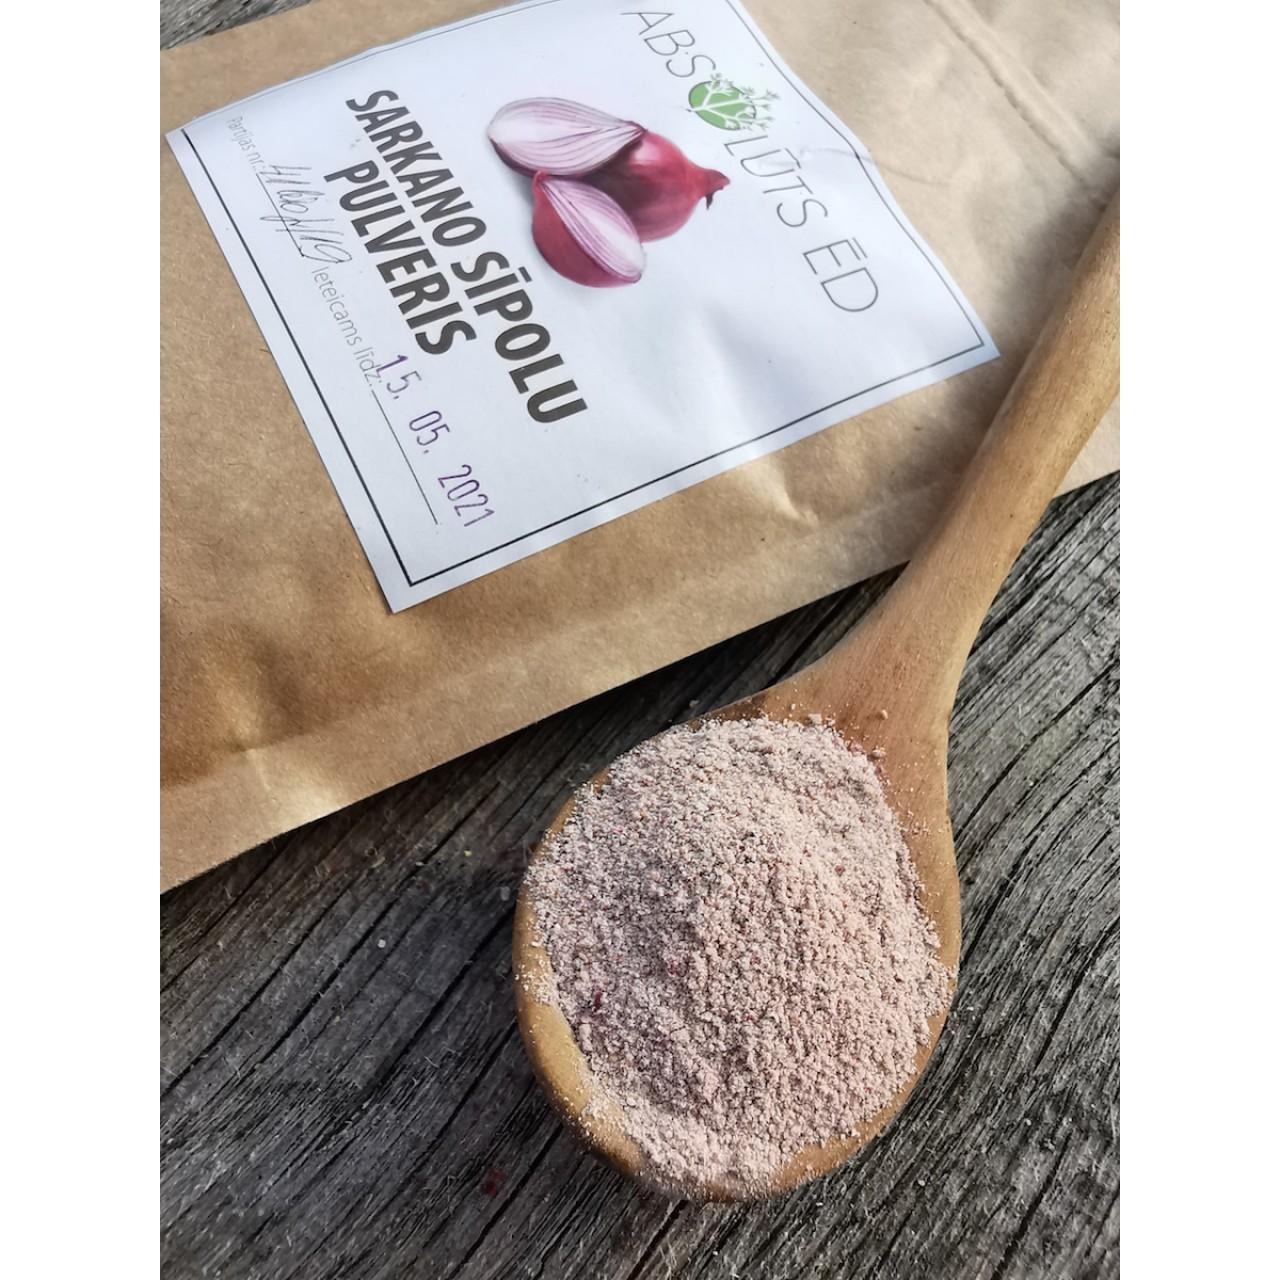 Sarkano sīpolu pulveris